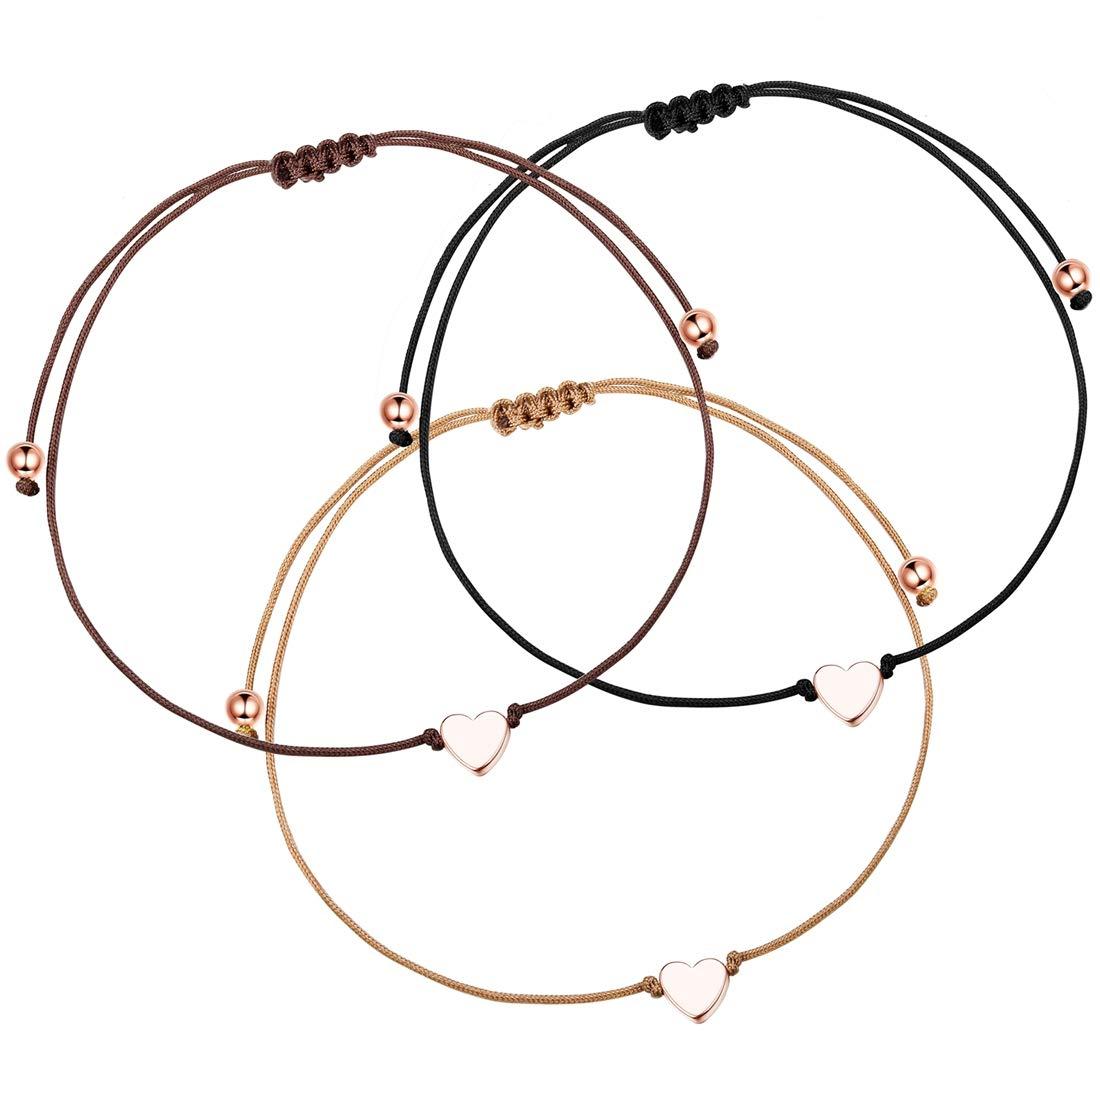 Yadoca 3 Piezas Pulsera de Cuerda de Coraz/ón para Mujeres Ni/ñas Pareja Sencillo Amor Coraz/ón Ajustable Pulsera de Cuerda